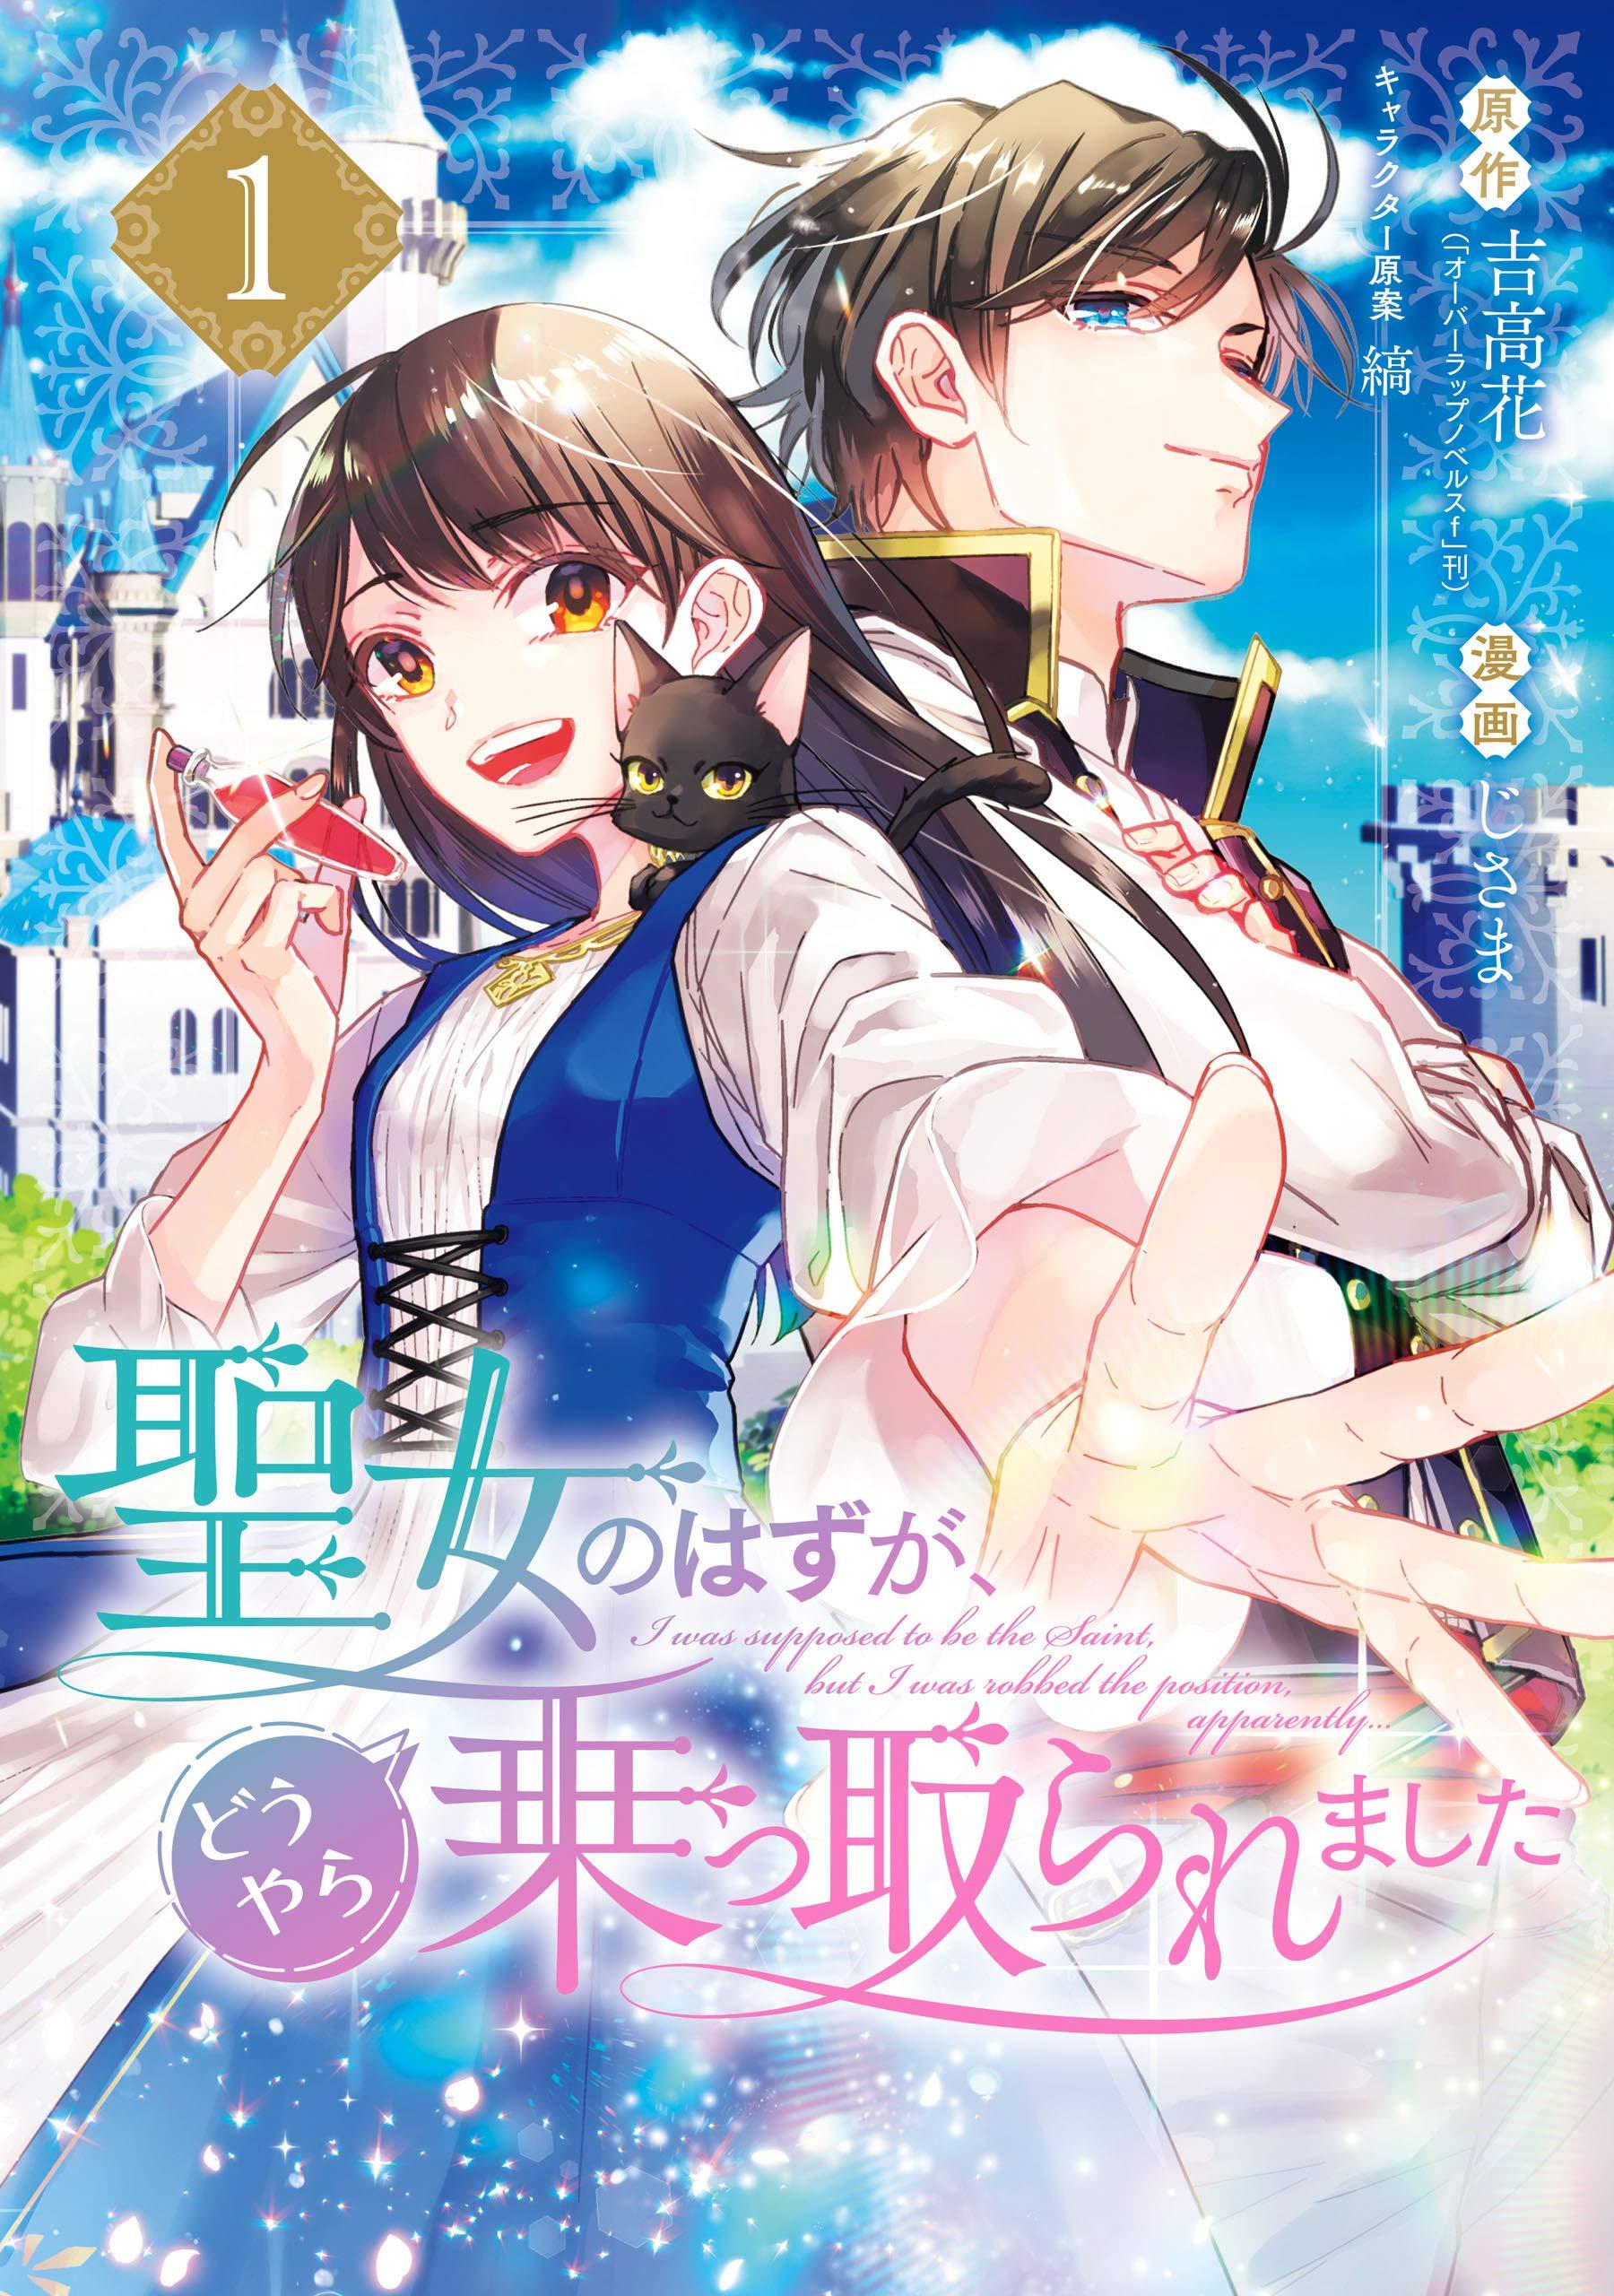 聖女のはずが、どうやら乗っ取られました 1 [Seijo no hazu ga, dou yara Nottoraremashita 1] (I Was Summoned to Be the Saint, but I Was Robbed of the Position, Apparently [Manga], #1)